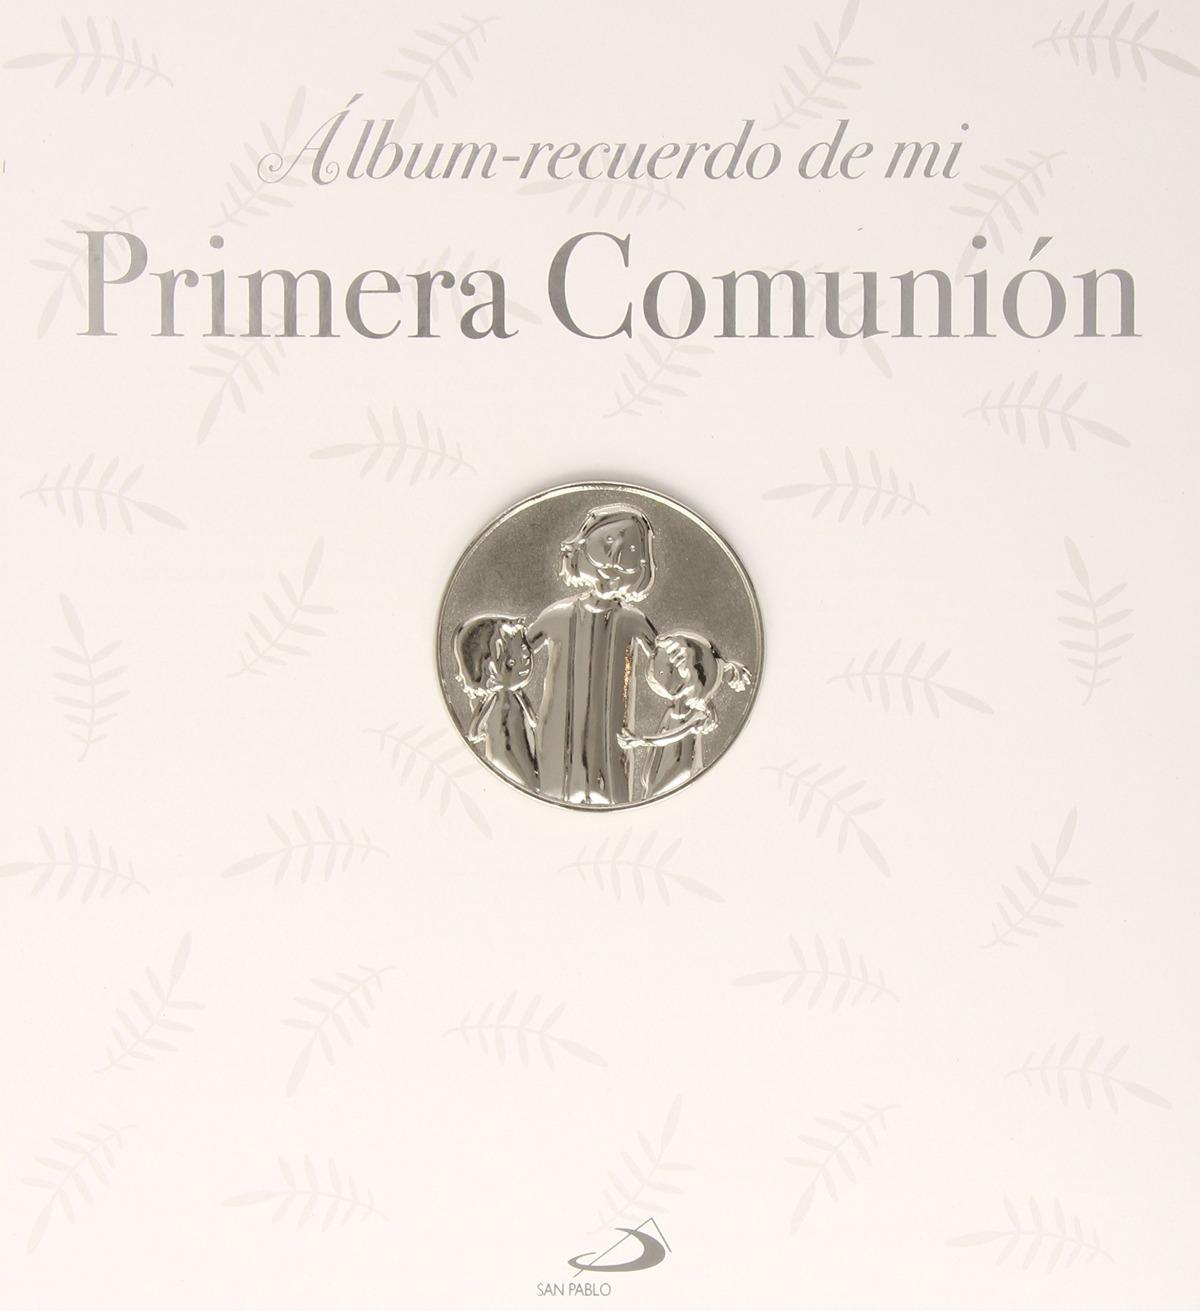 Álbum-recuerdo de mi primera comunión 9788428546416